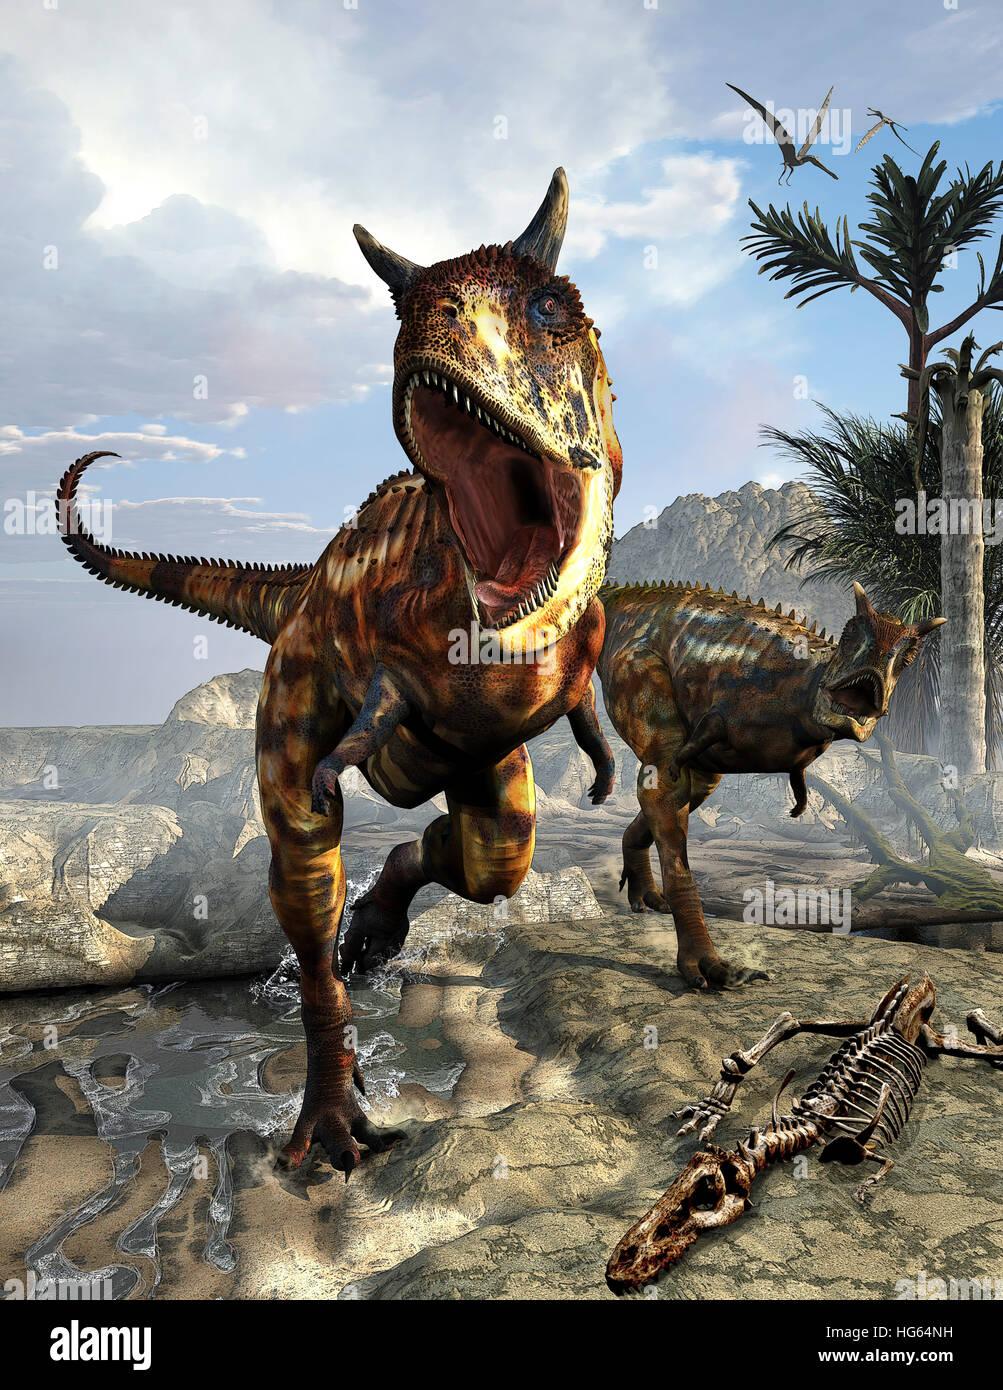 Une paire de Carnotaurus dinosaures la chasse pour la nourriture. Banque D'Images